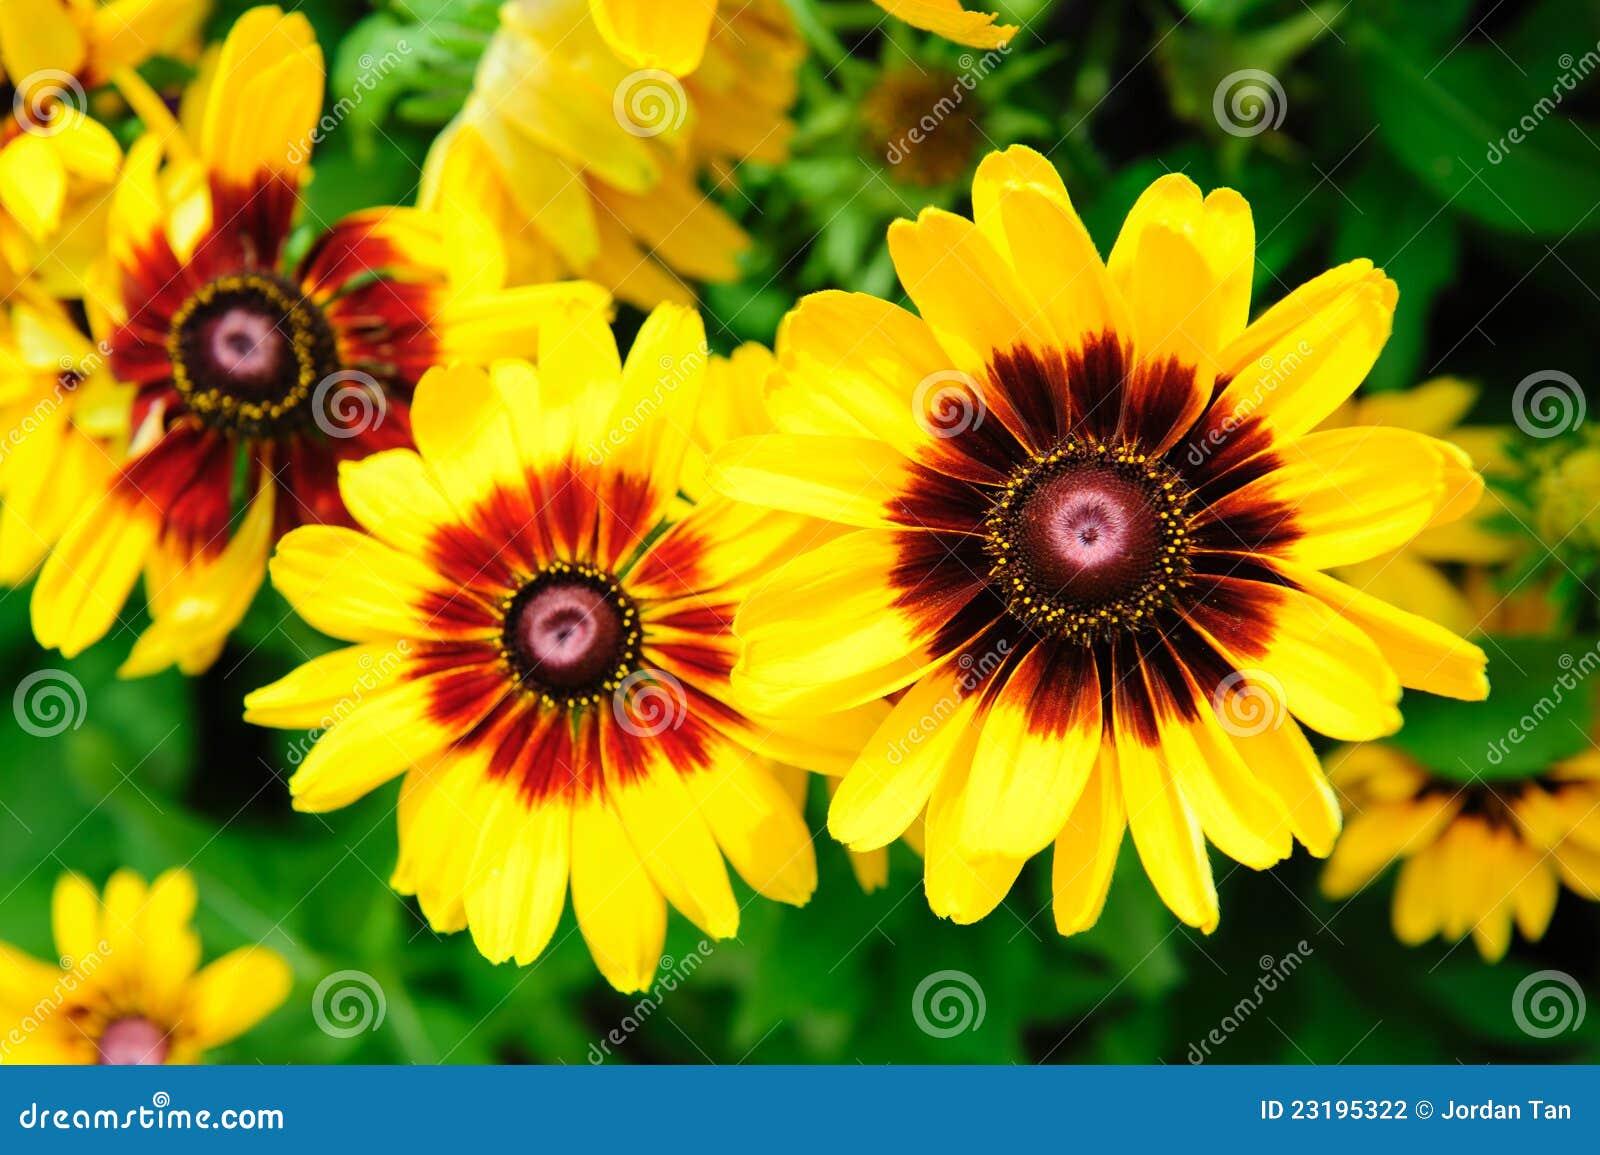 Grandes fleurs jaunes vibrantes dans un jardin